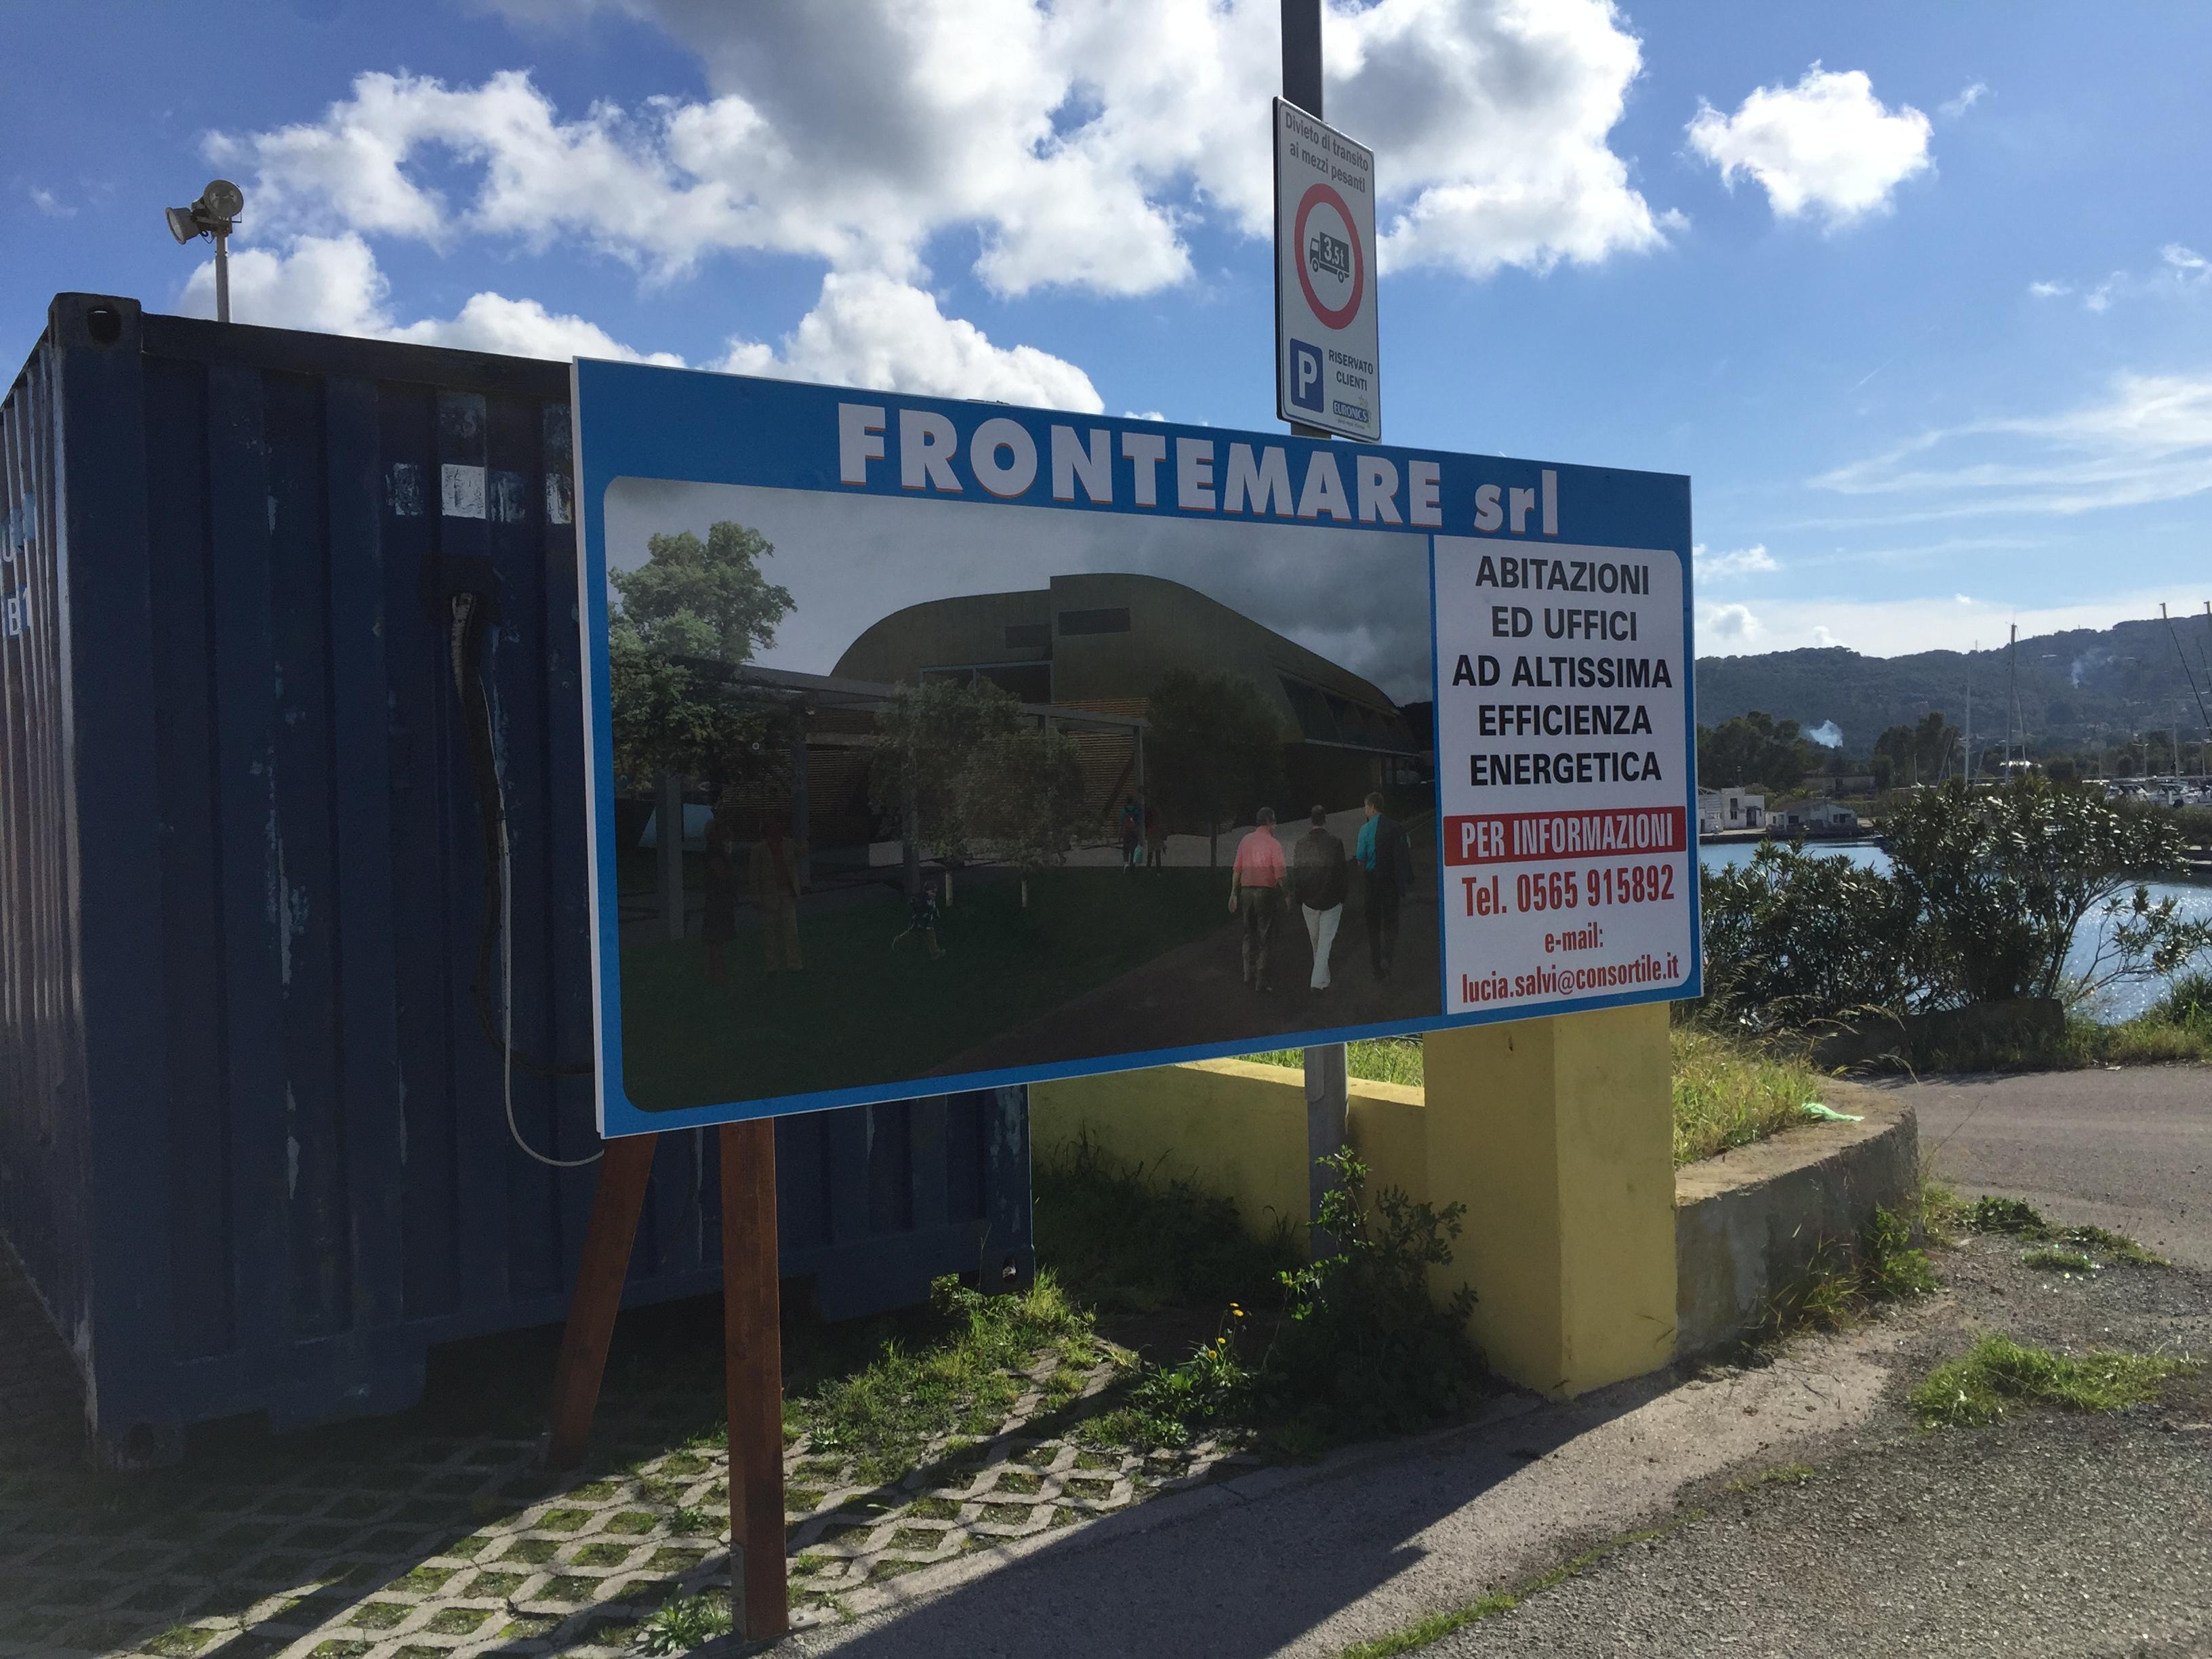 Fuori dal cantiere invece ¨ stato affisso un pannello pubblicitario nel quale si legge Abitazioni ed uffici ad altissima efficienza ener ica